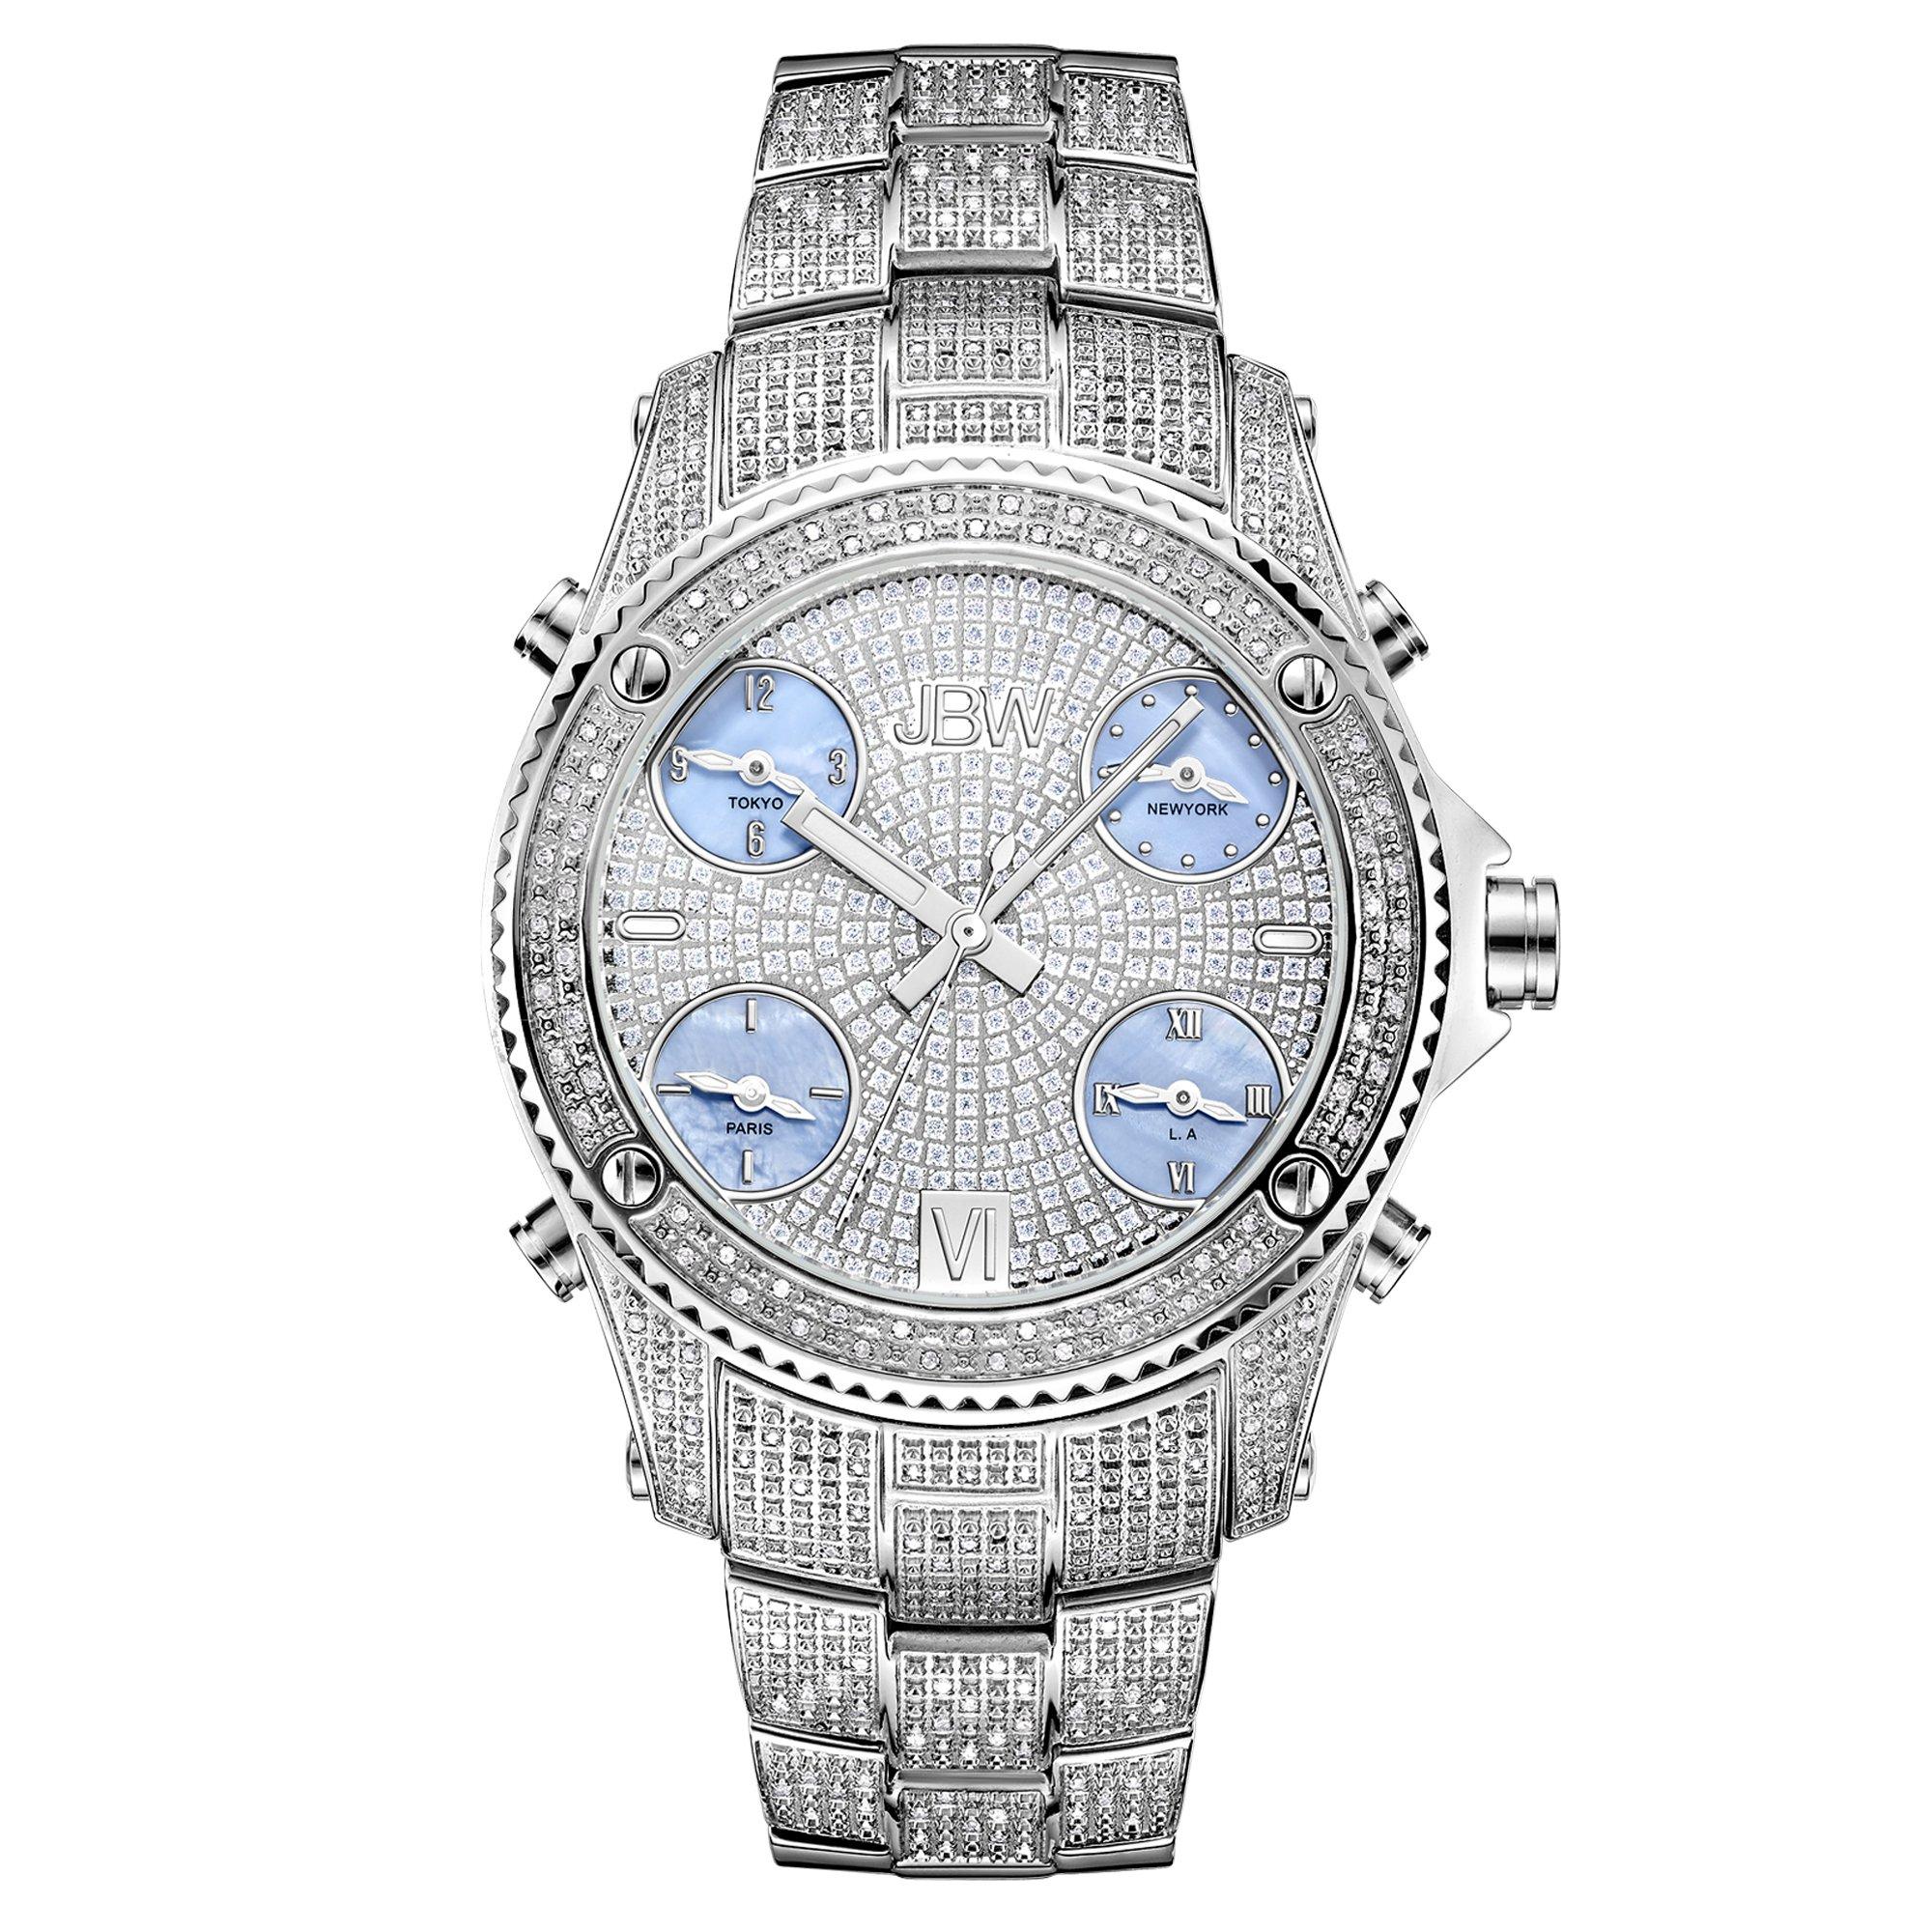 JBW Men's JB-6213-C ''Jet Setter'' Silver Stainless Steel Five Time Zone Diamond Watch